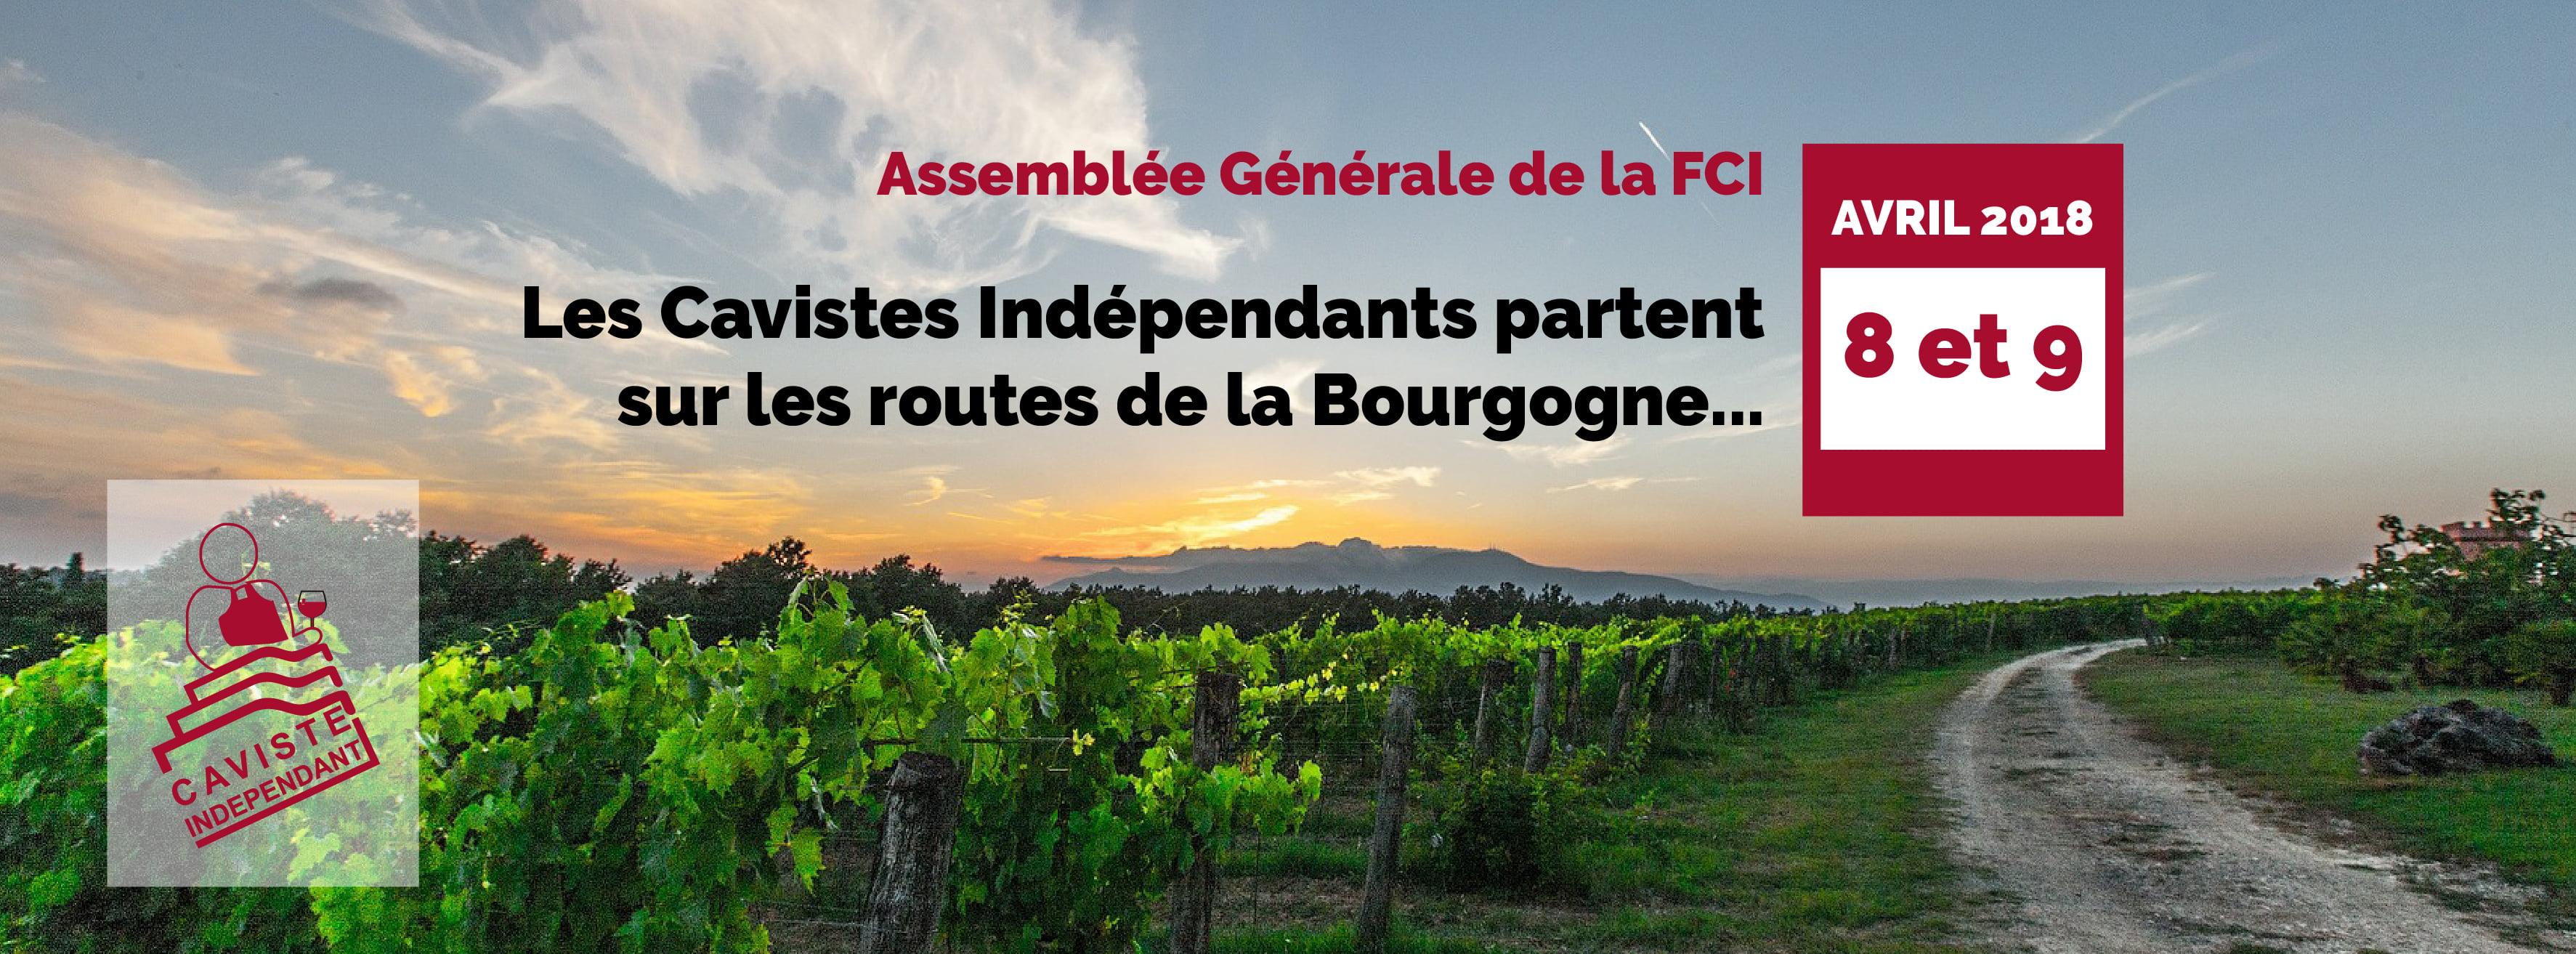 AG-FCI